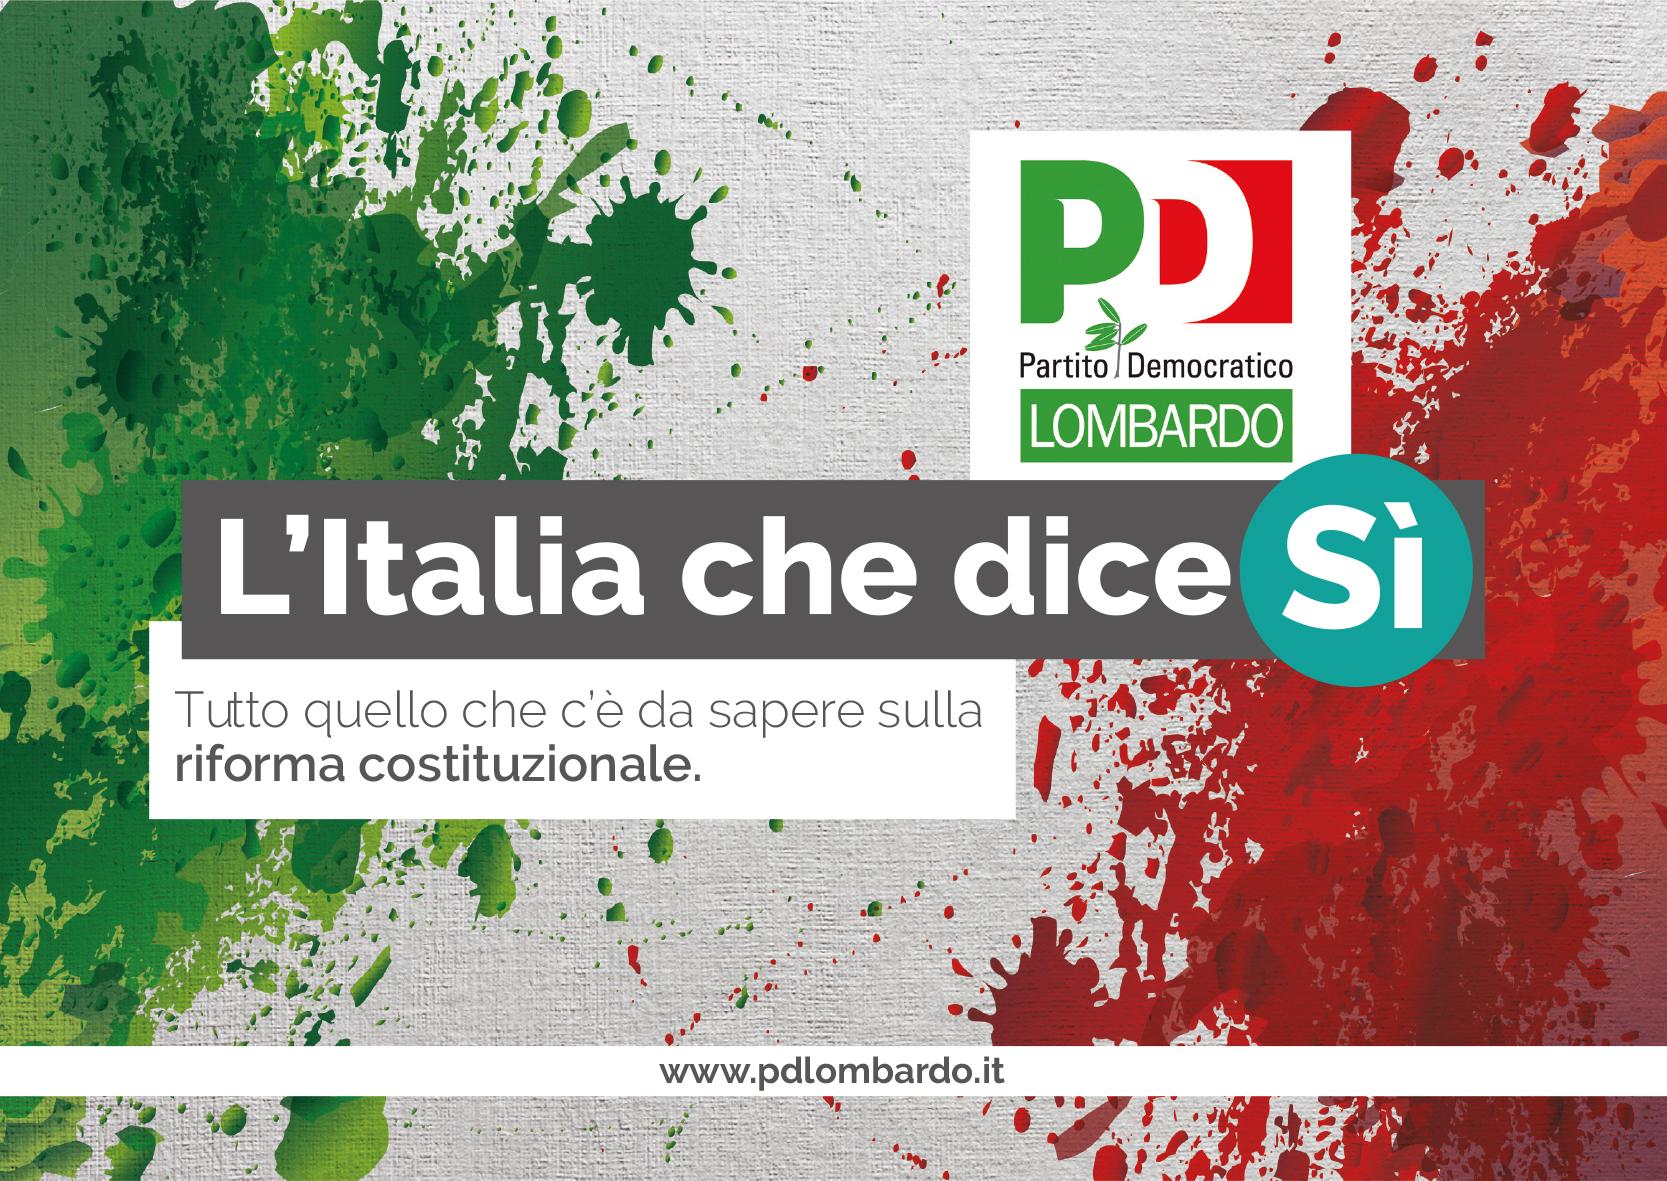 L'Italia che dice sì: la riforma costituzionale